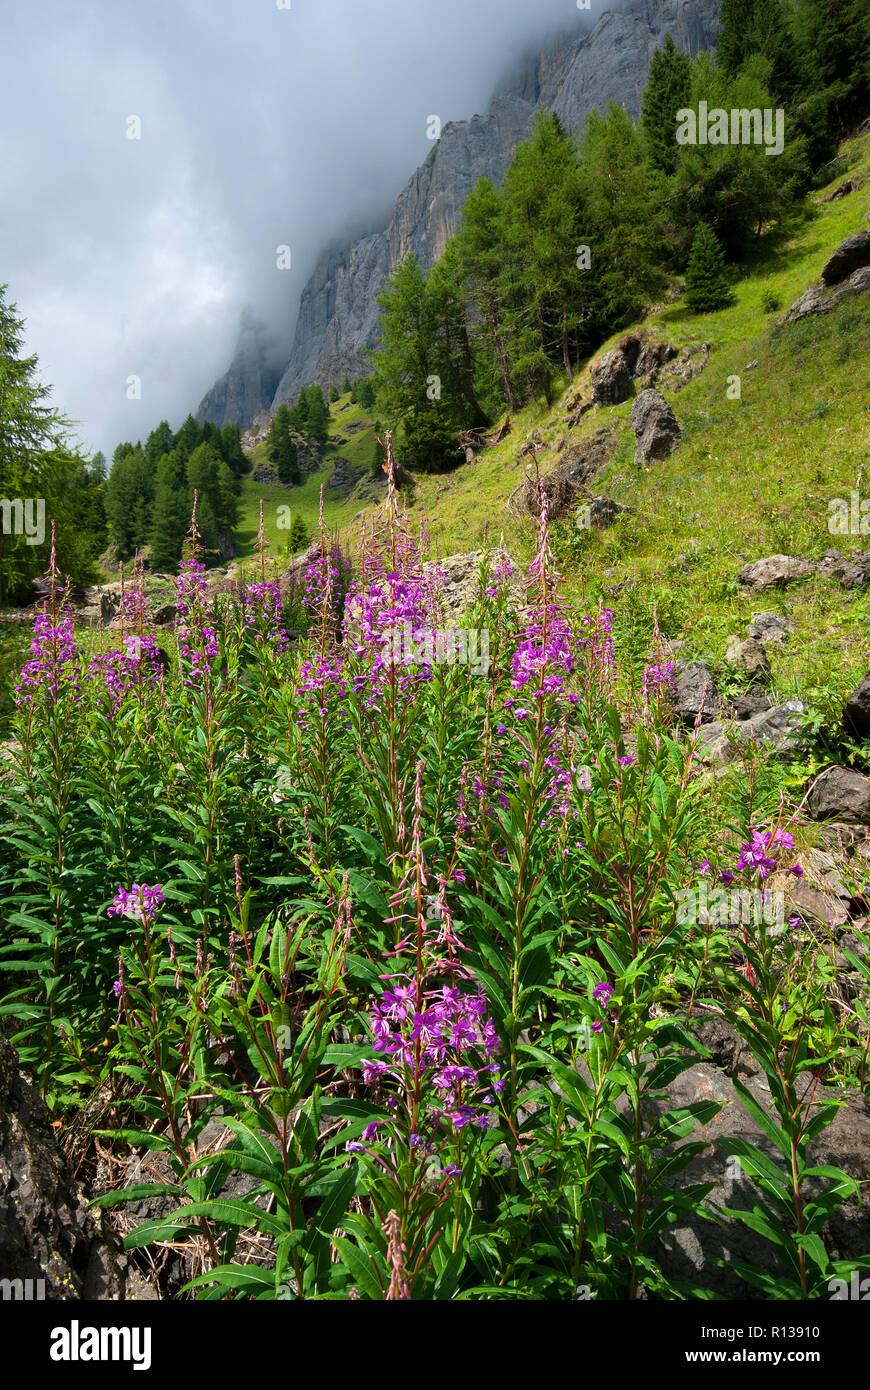 Rosebay willow herb, fireweed (Chamaenerion angustifolium, Epilobium angustifolium), italian alps, Trentino-Alto Adige, Italy Stock Photo